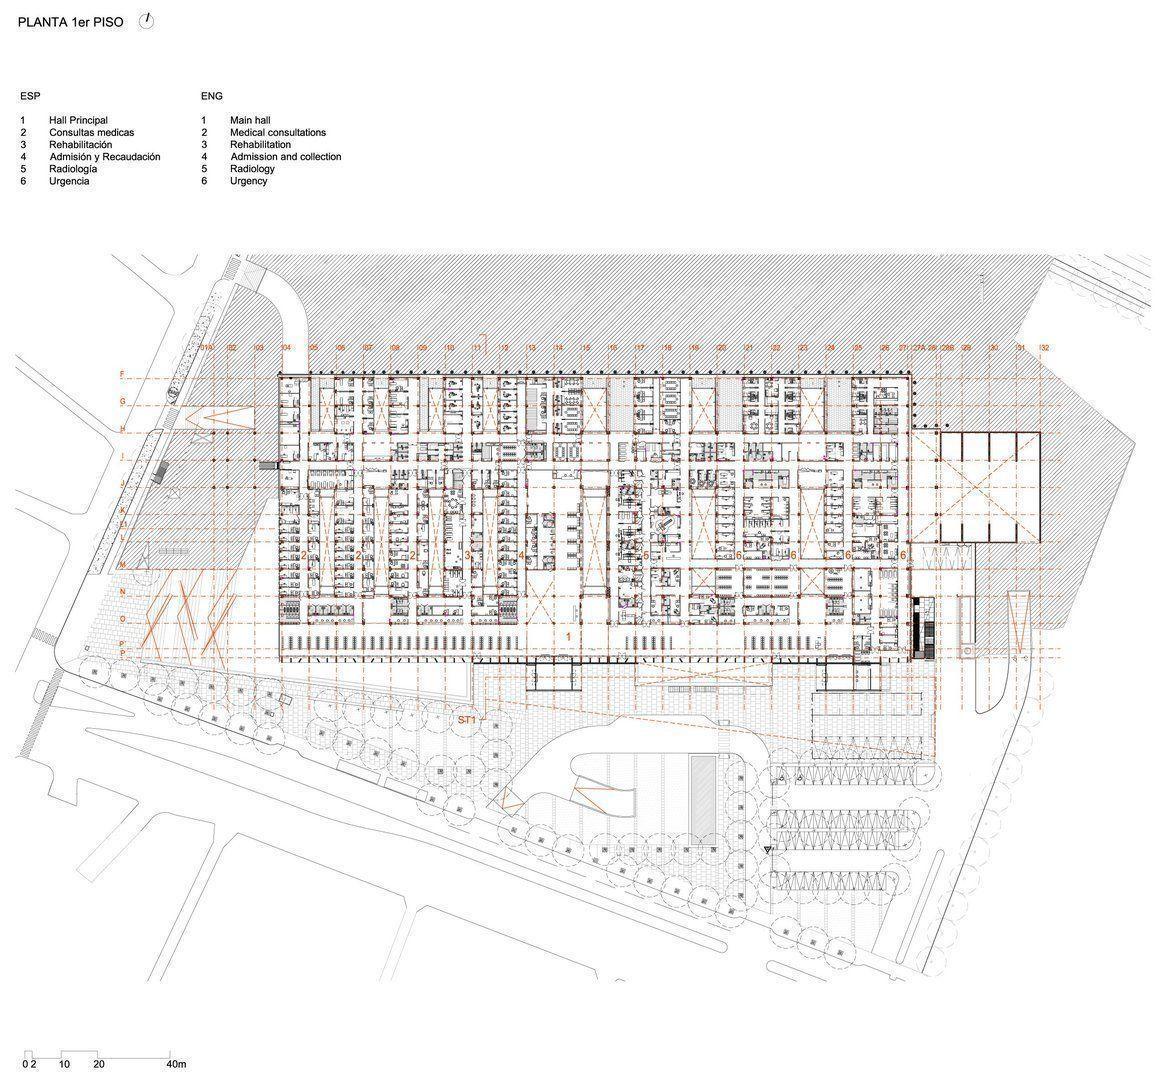 Hospital el carmen de maip arqa for Planta arquitectonica pdf